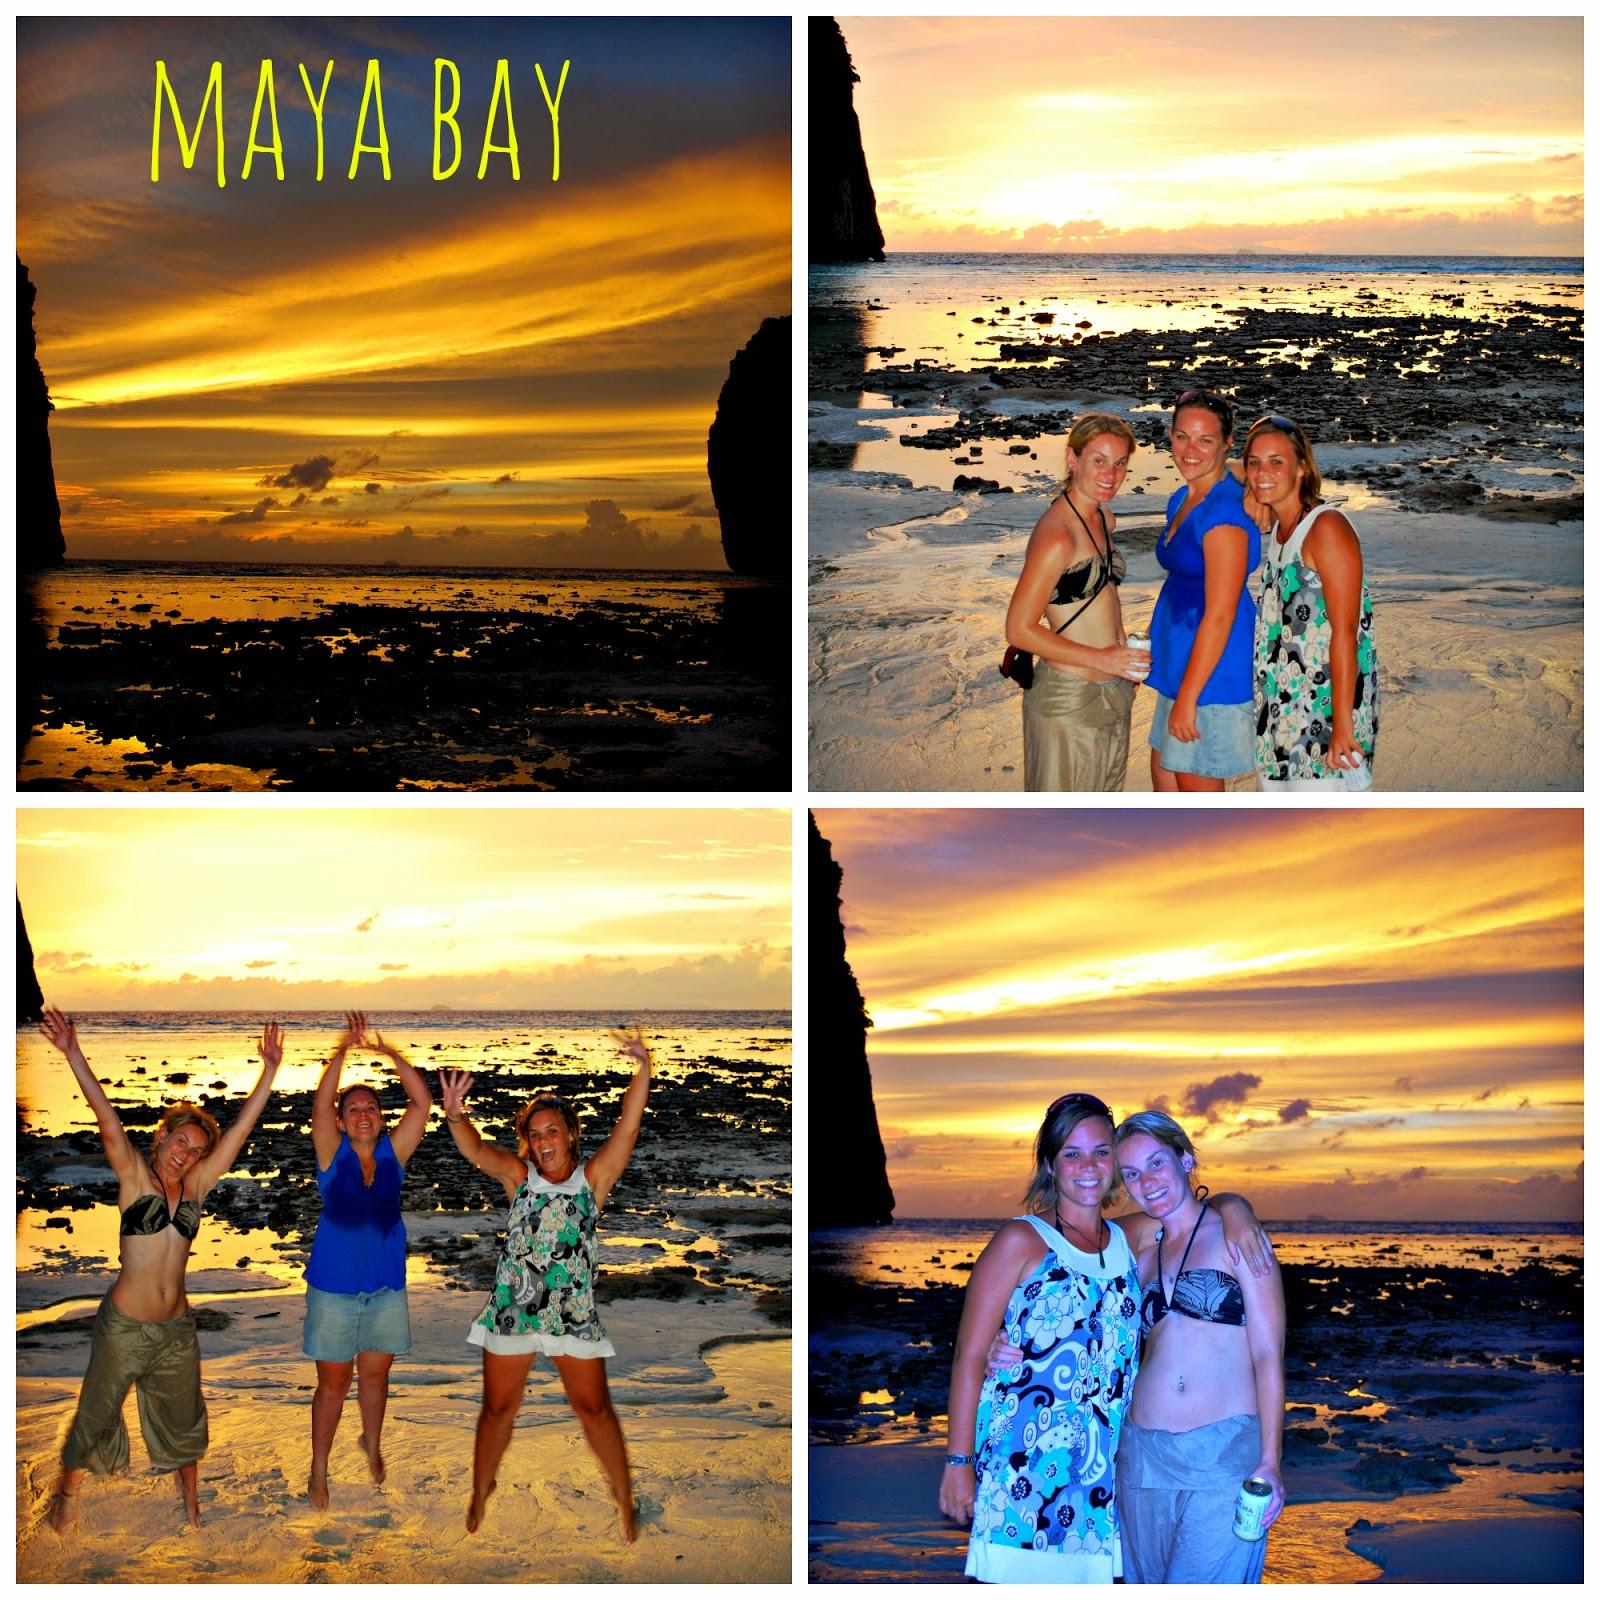 phi-phi-island-thailand-beach-asia-maya-bay-sunset